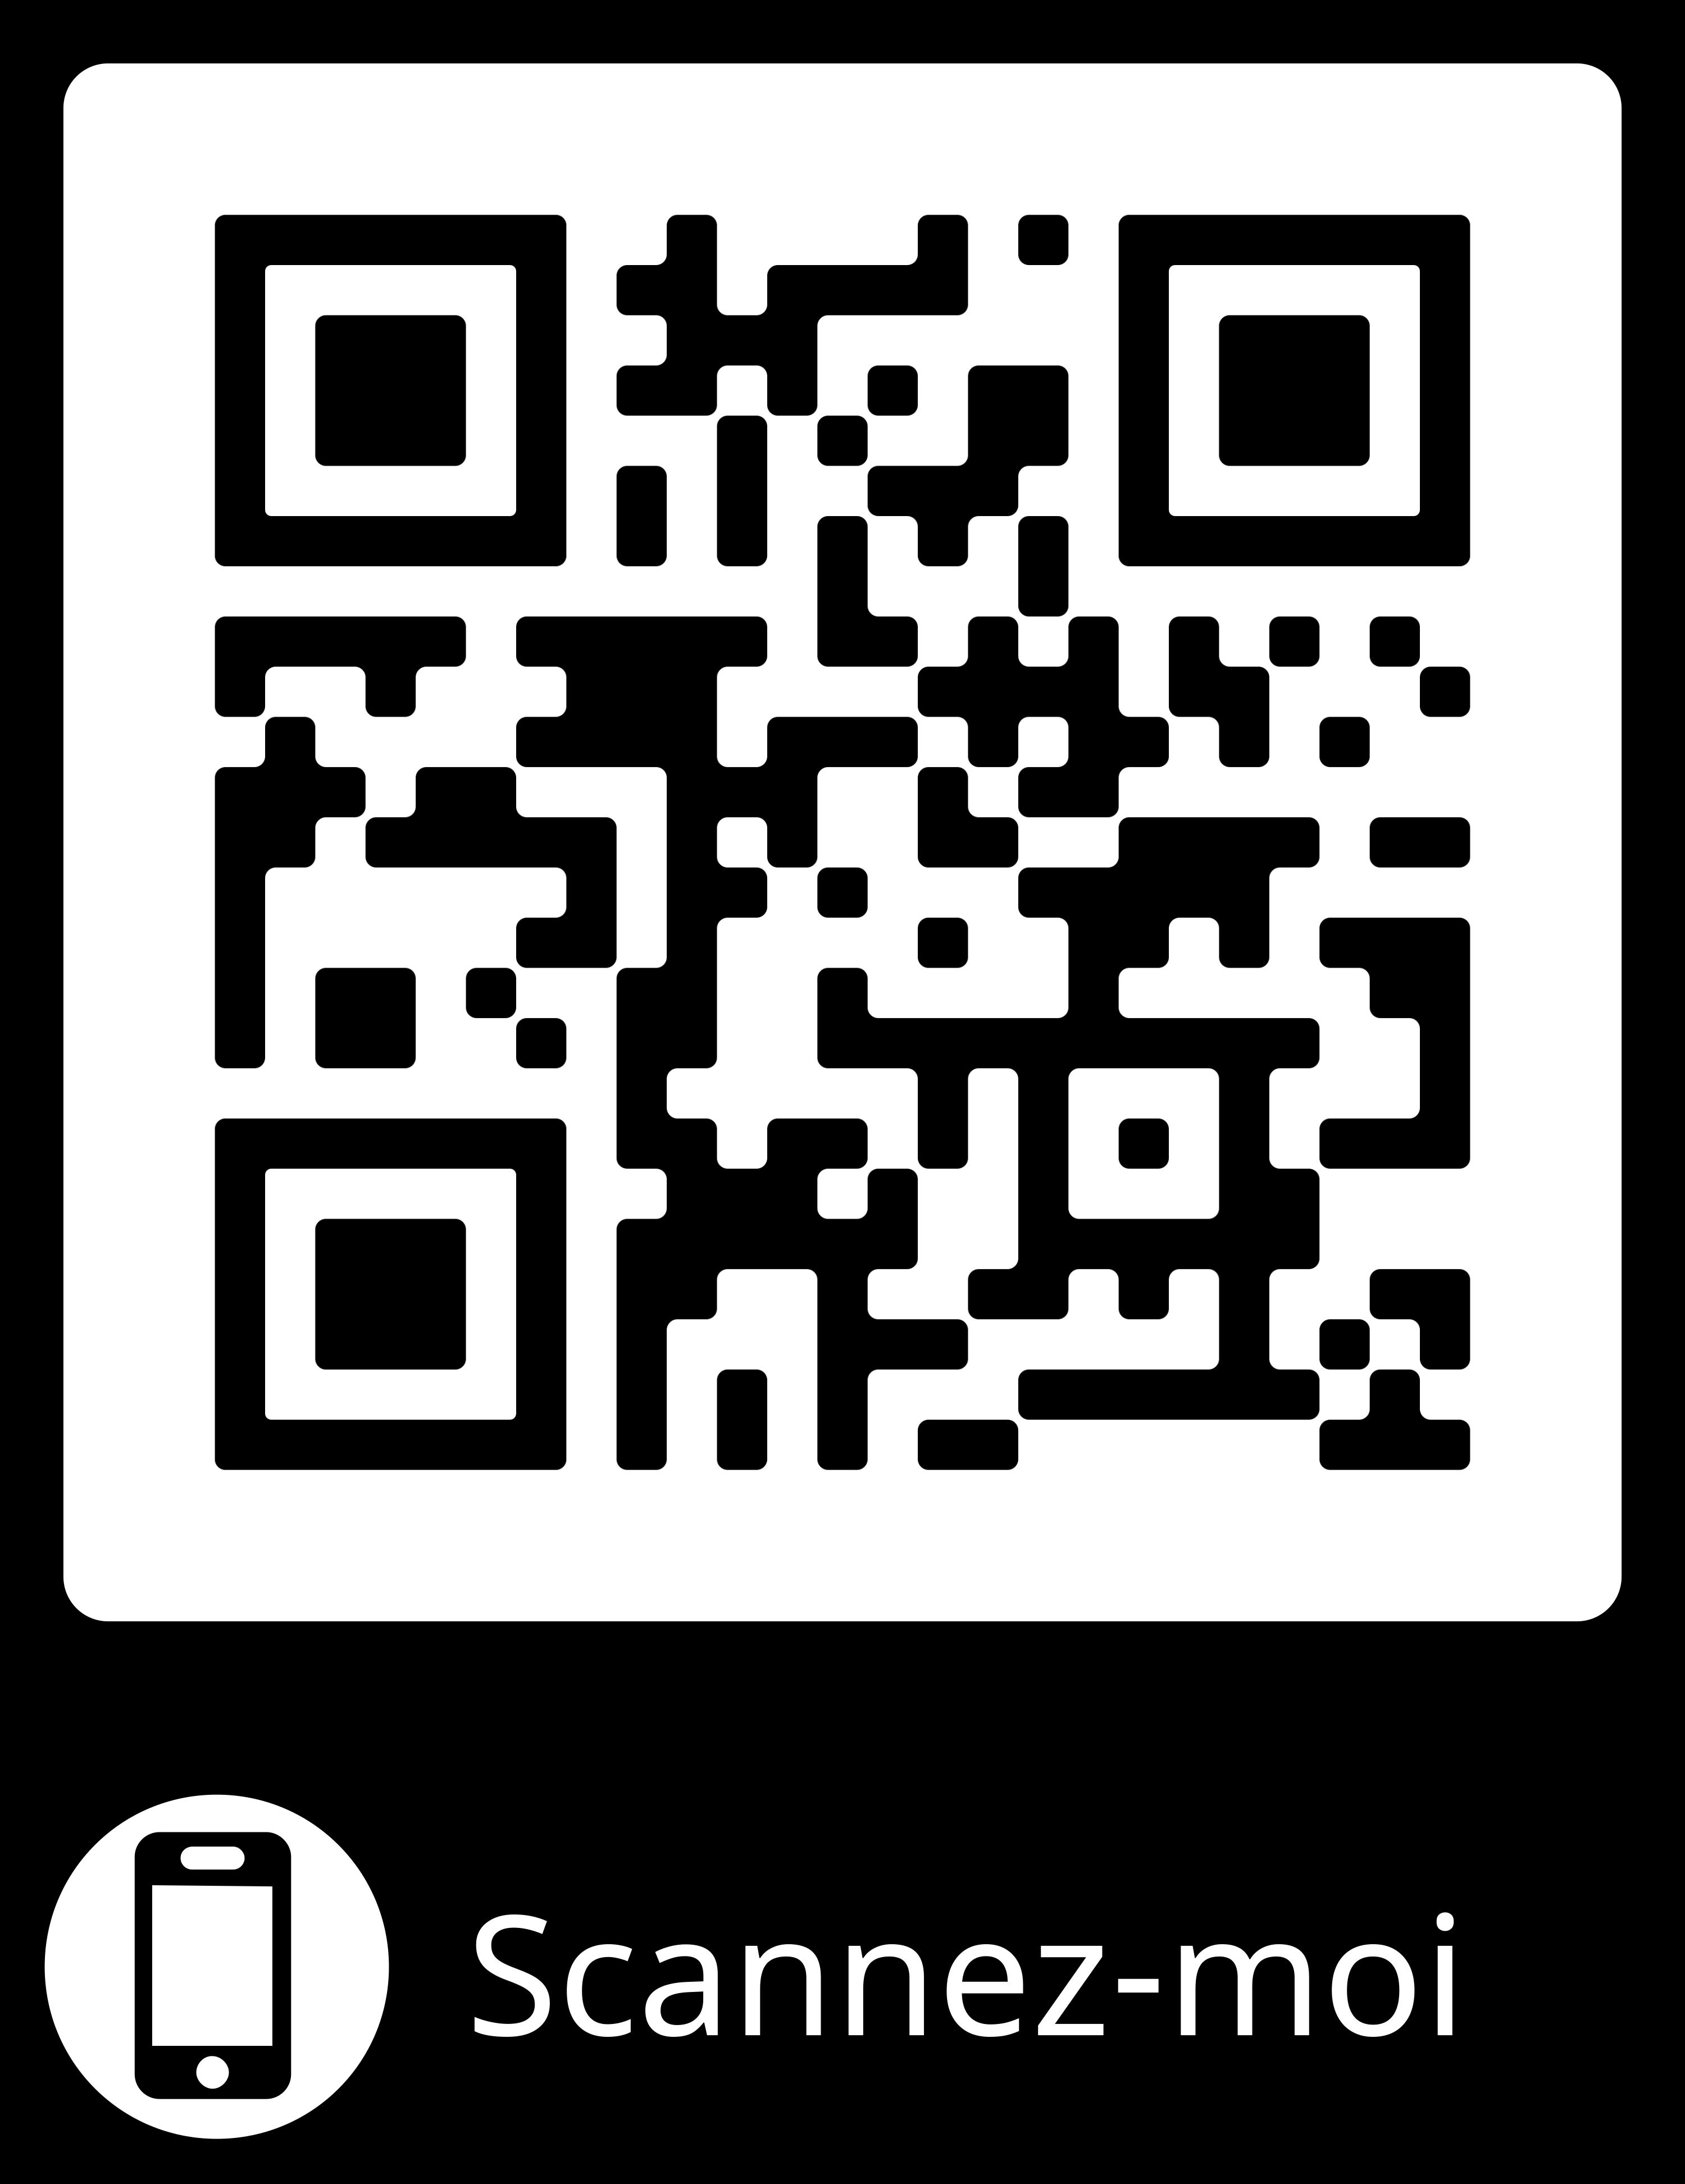 qr code plancha 800